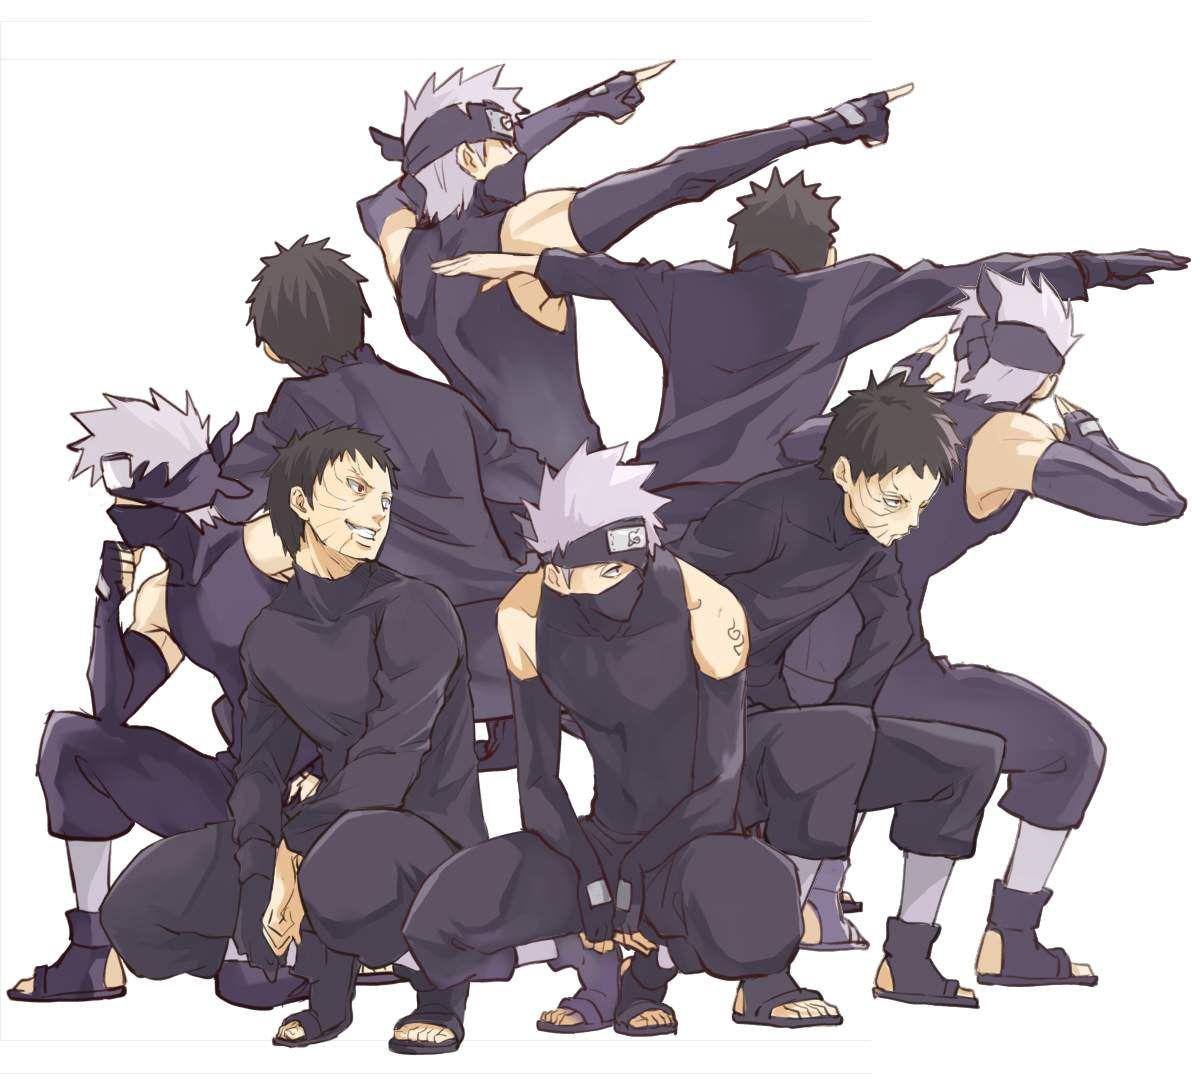 Interaction Poses Naruto Shippuden Anime Anime Naruto Naruto Sasuke Sakura